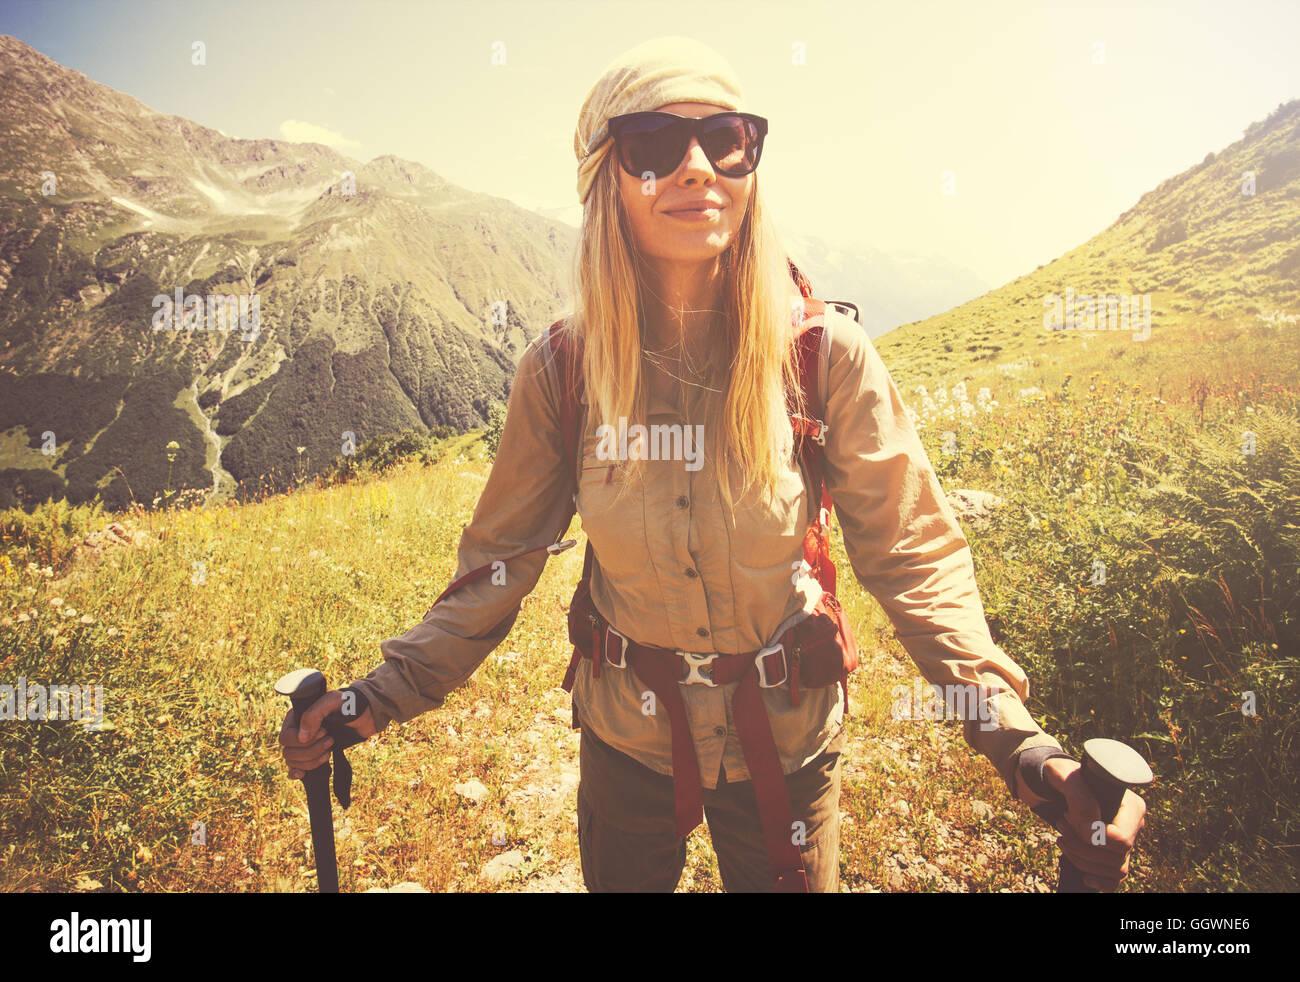 Feliz mujer con mochila de viaje vacaciones de senderismo concepto de estilo de vida al aire libre en las montañas Imagen De Stock